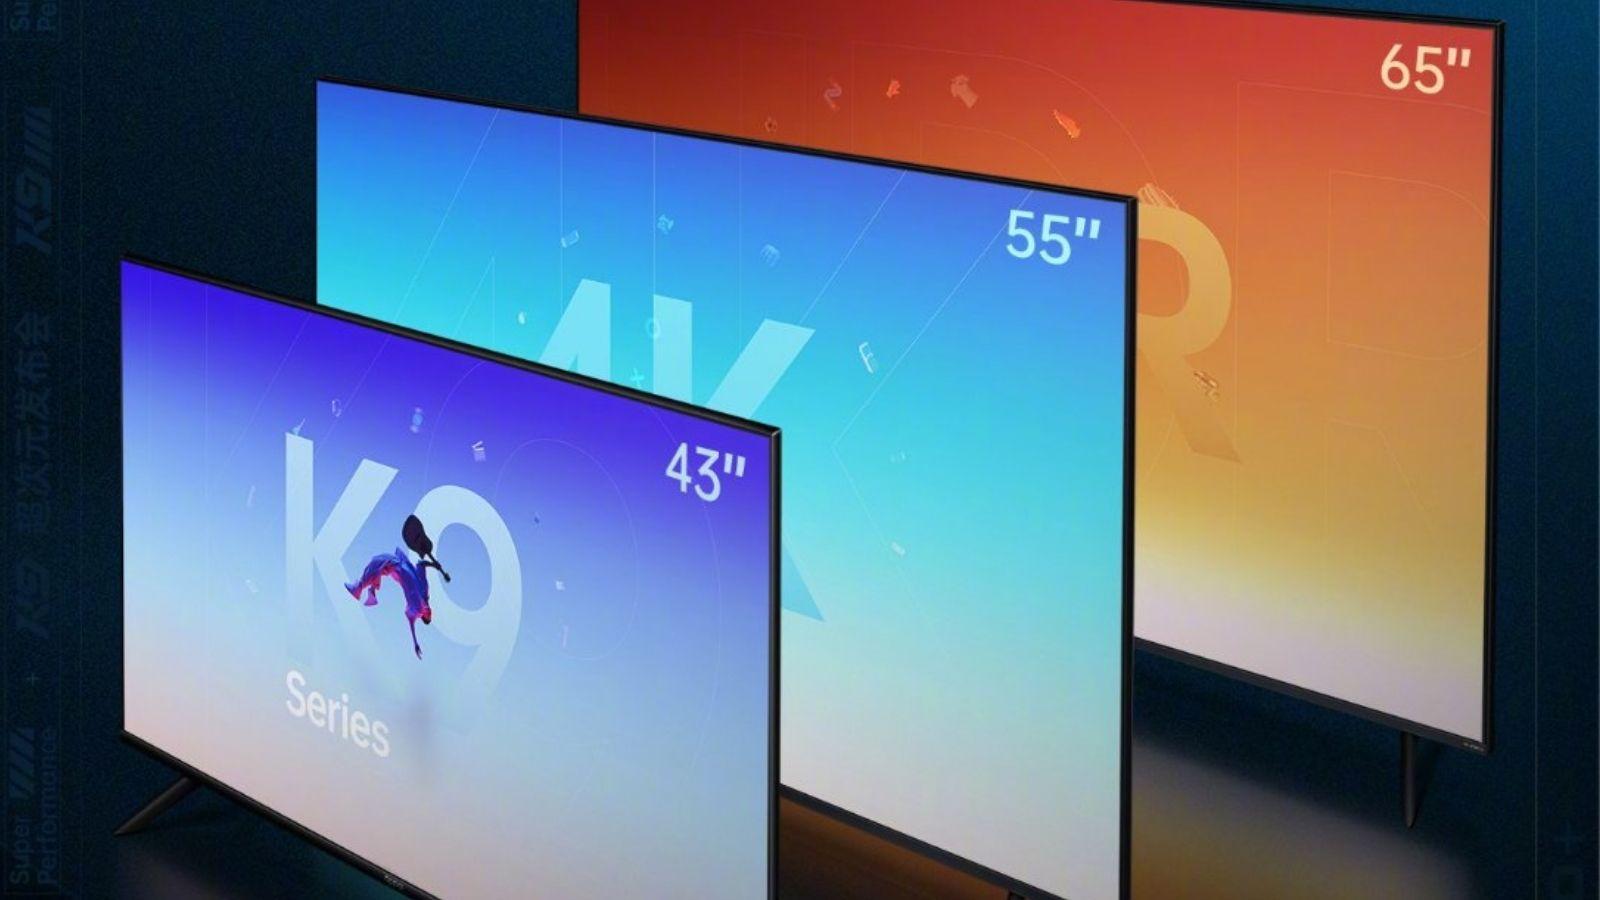 Oppo K9 Smart TV